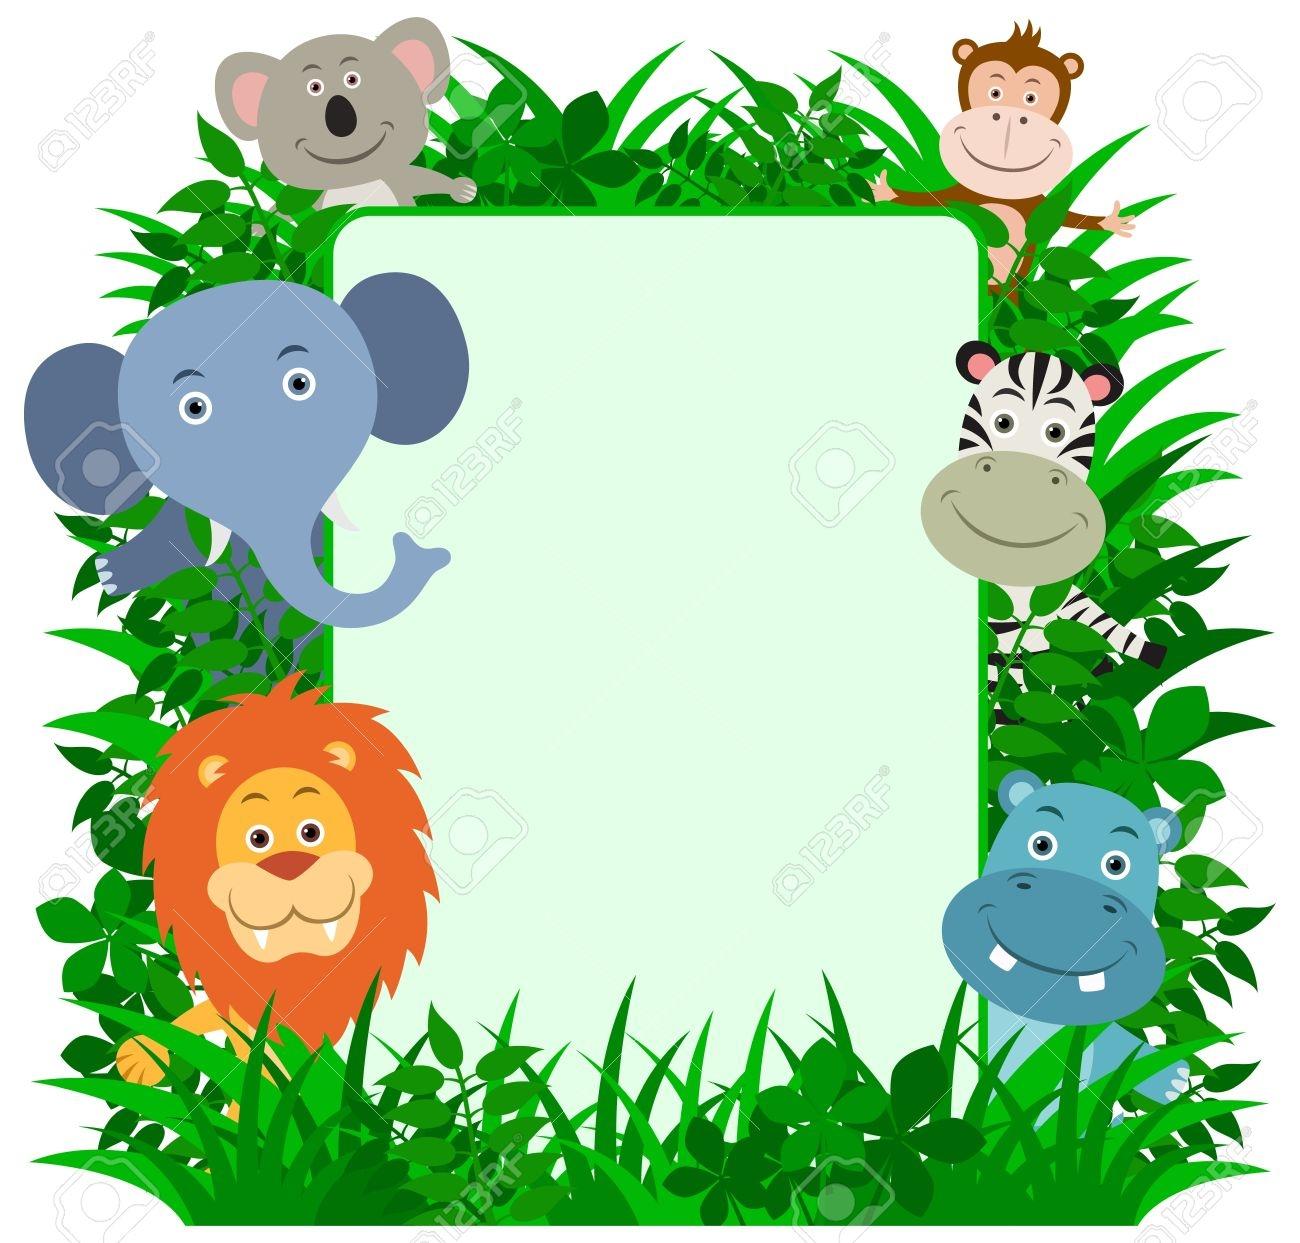 Jungle Border Clipart.